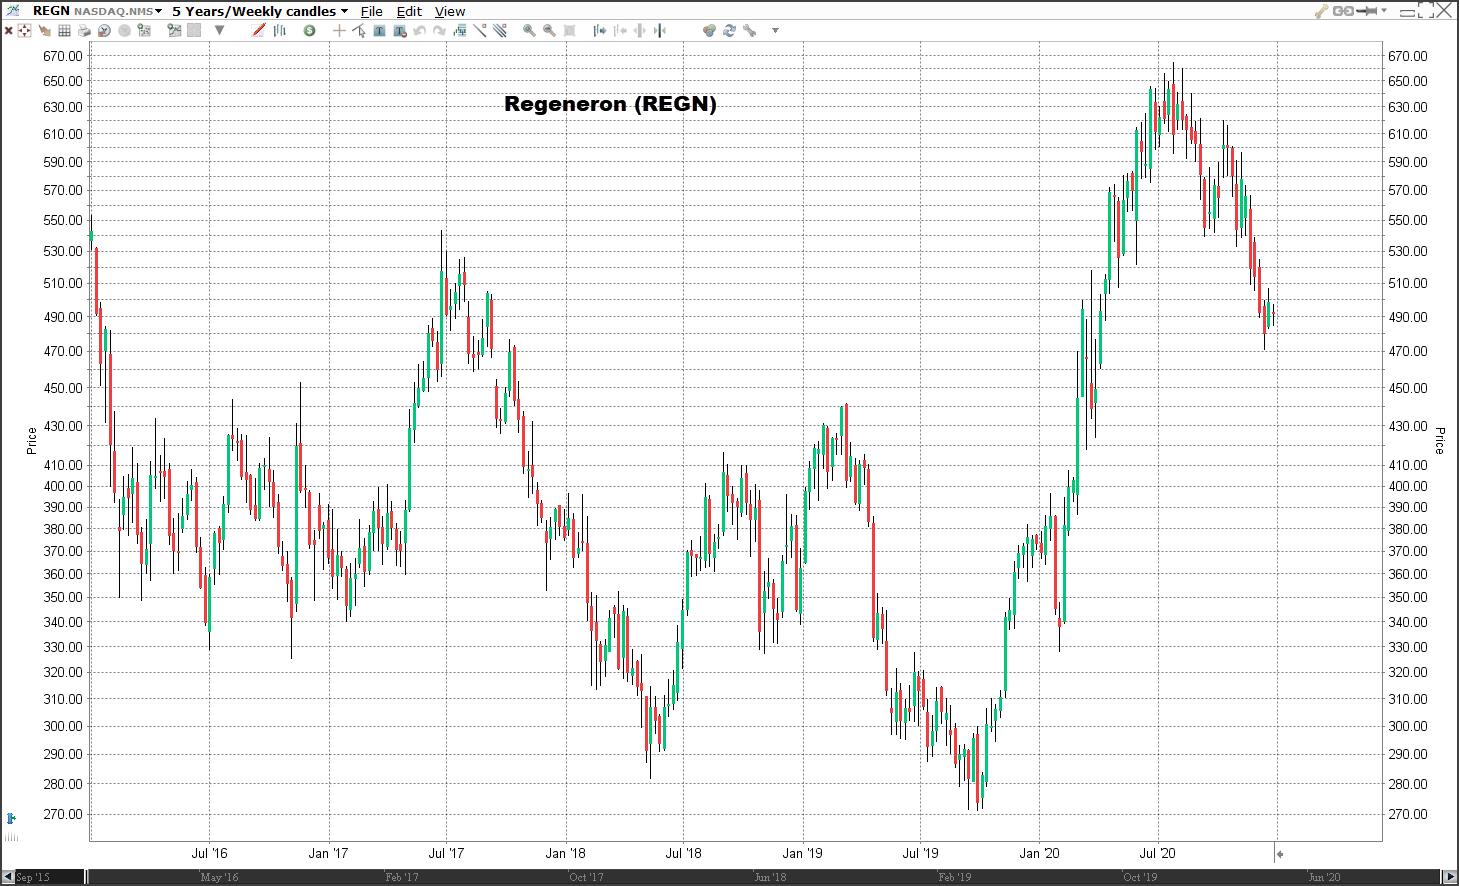 Aandeel Regeneron koers | Welke aandelen kopen 2021?